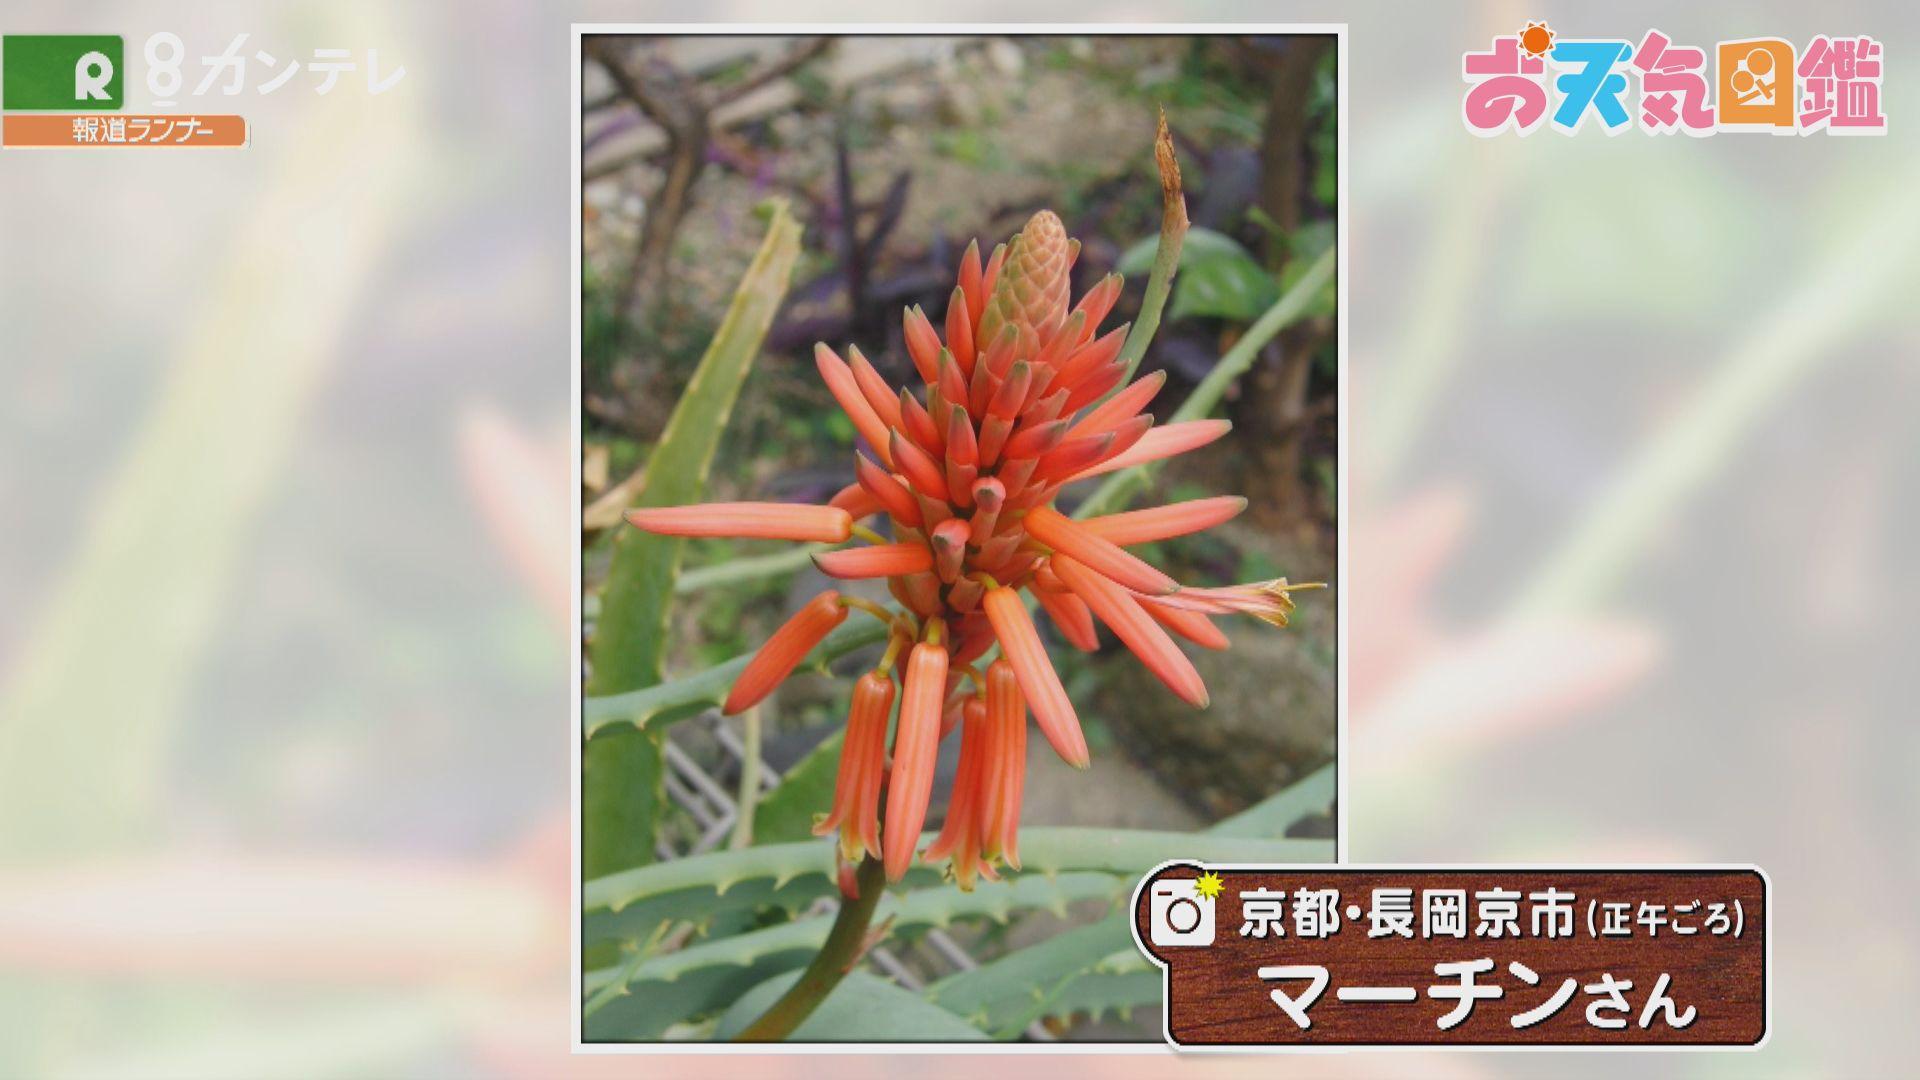 「珍しいアロエの花が我が家で」(京都・長岡京市)